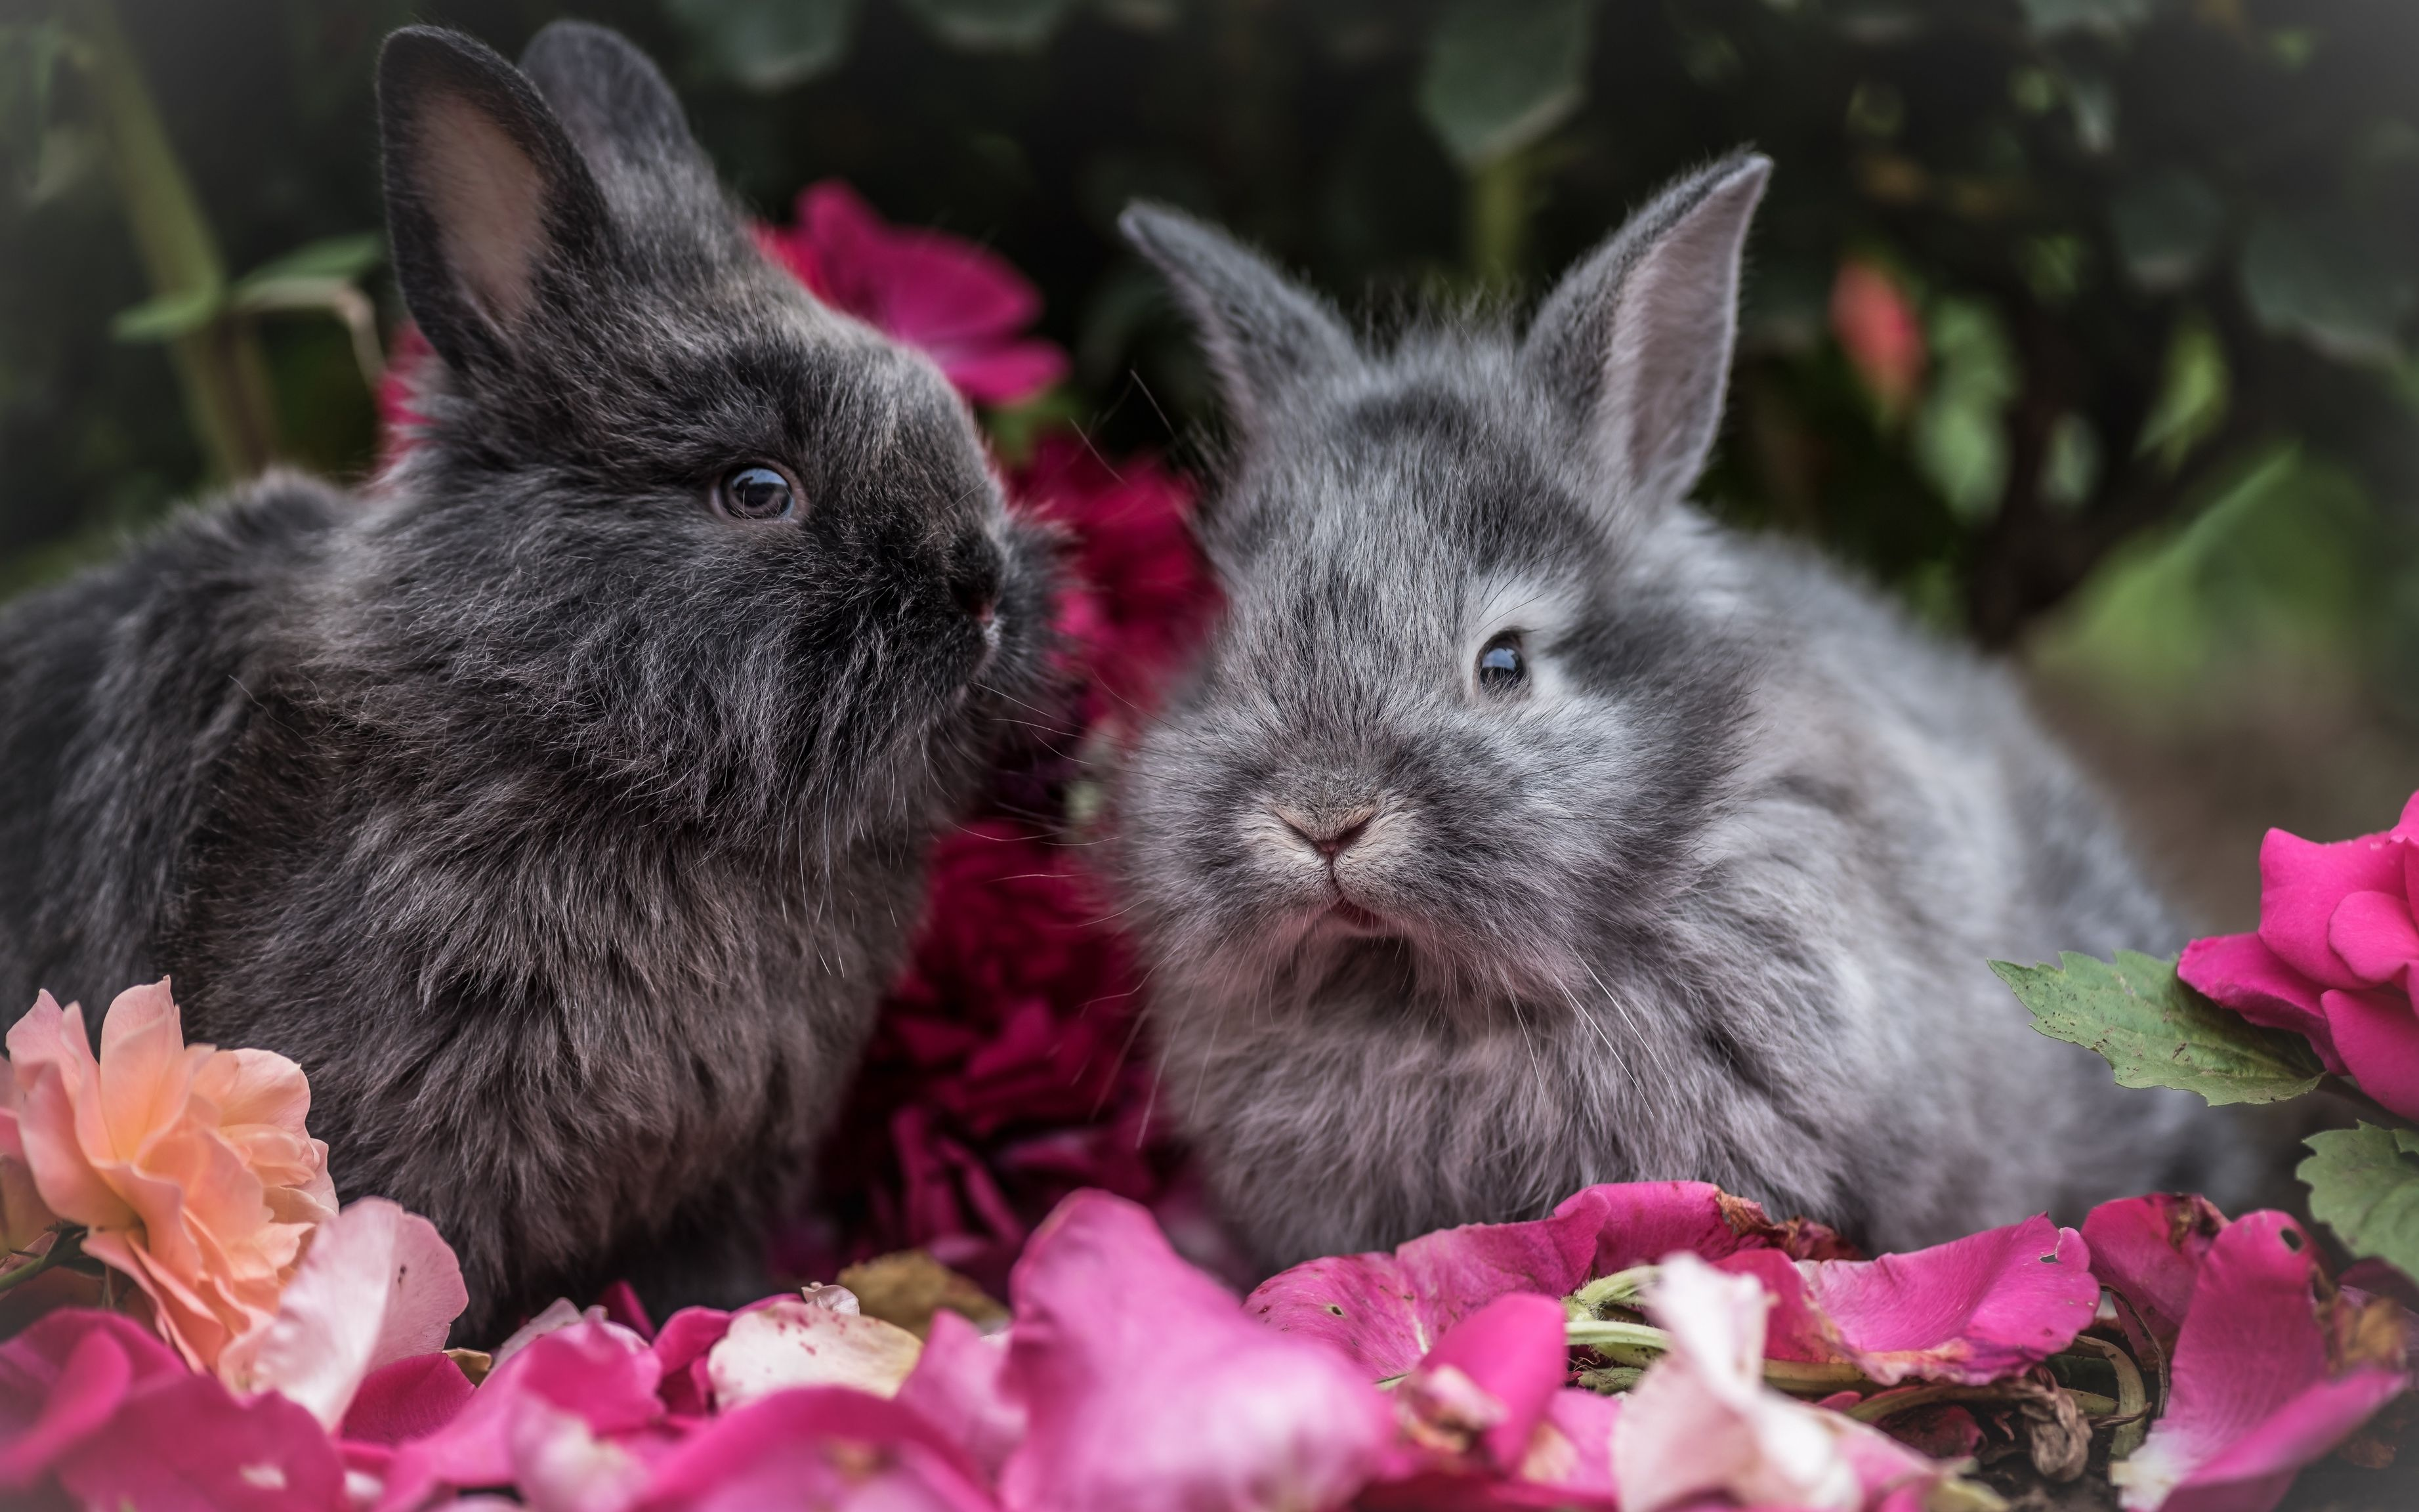 требующая красивые открытки фото зайцы кролики сразу